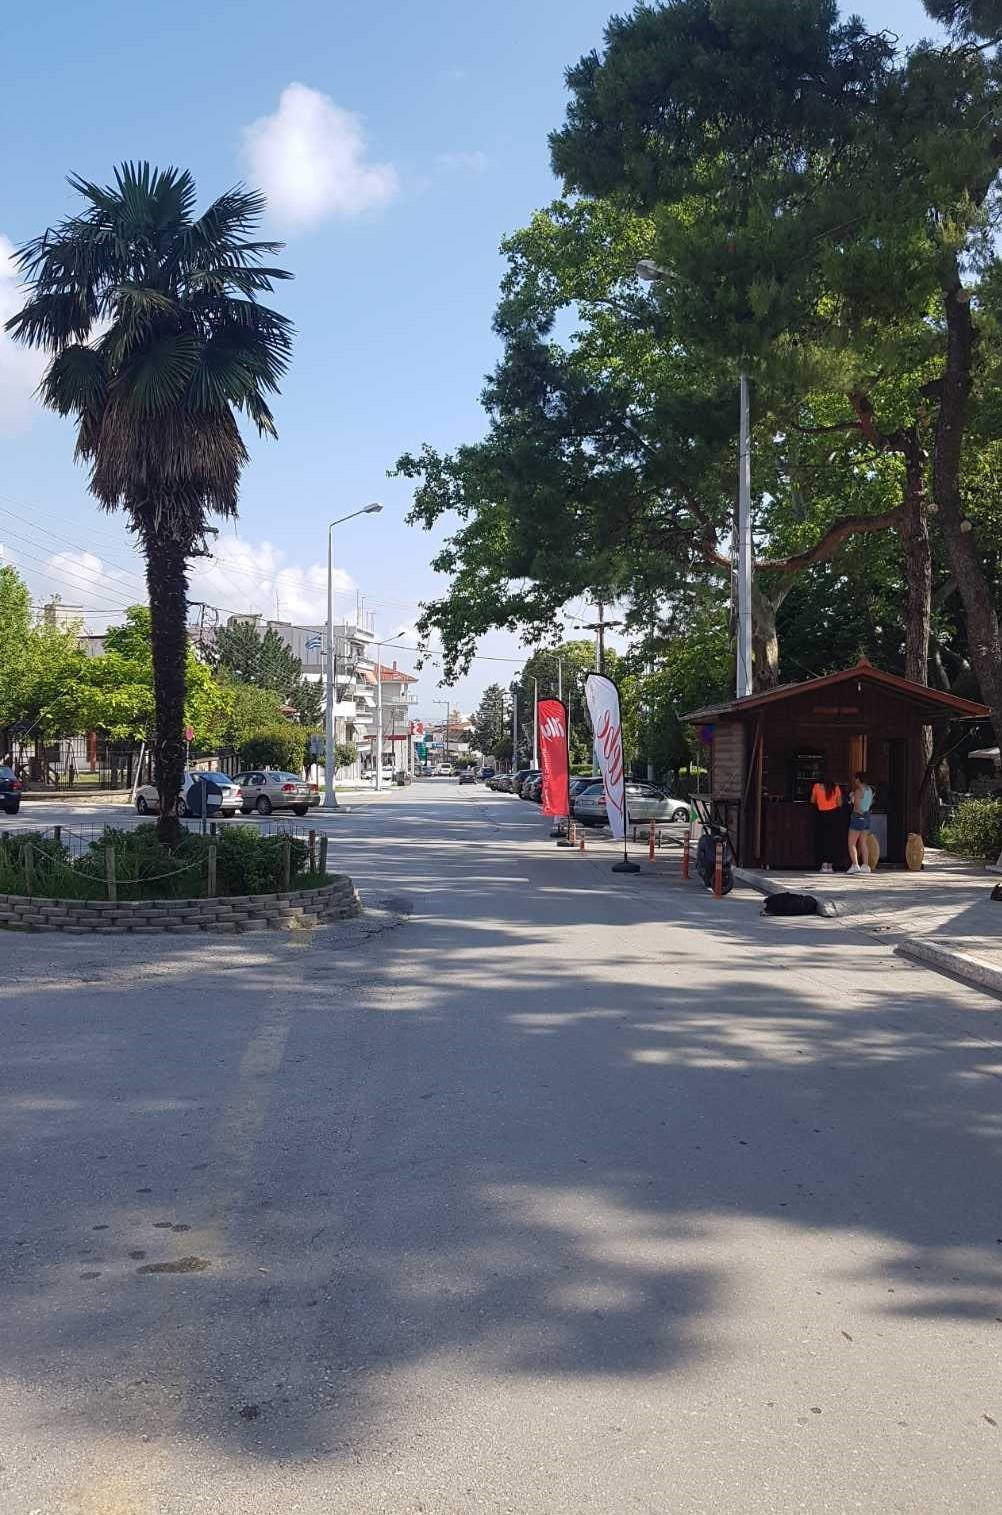 Δήμος Νάουσας: Προχωρά την Δευτέρα στον αποκλεισμό της οδού Μεγάλου Αλεξάνδρου (Τμήμα 1) στο πλαίσιο εργασιών που ξεκινούν για την ανάπλασή της